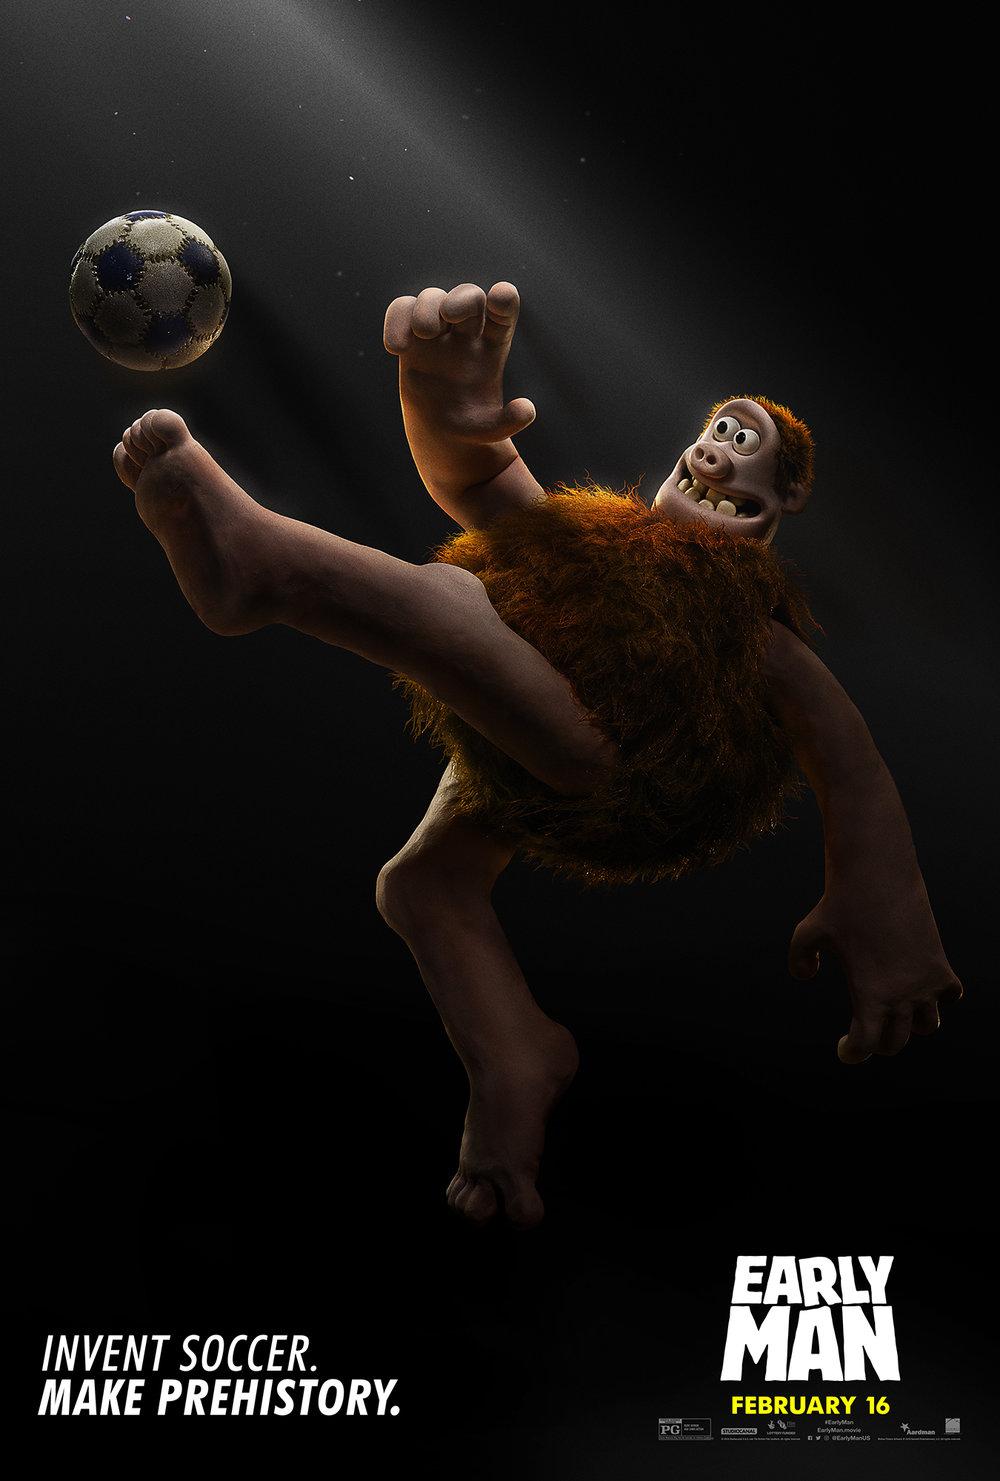 EarlyMan_Soccer_Online1Sht_ASBO_100dpi.jpg